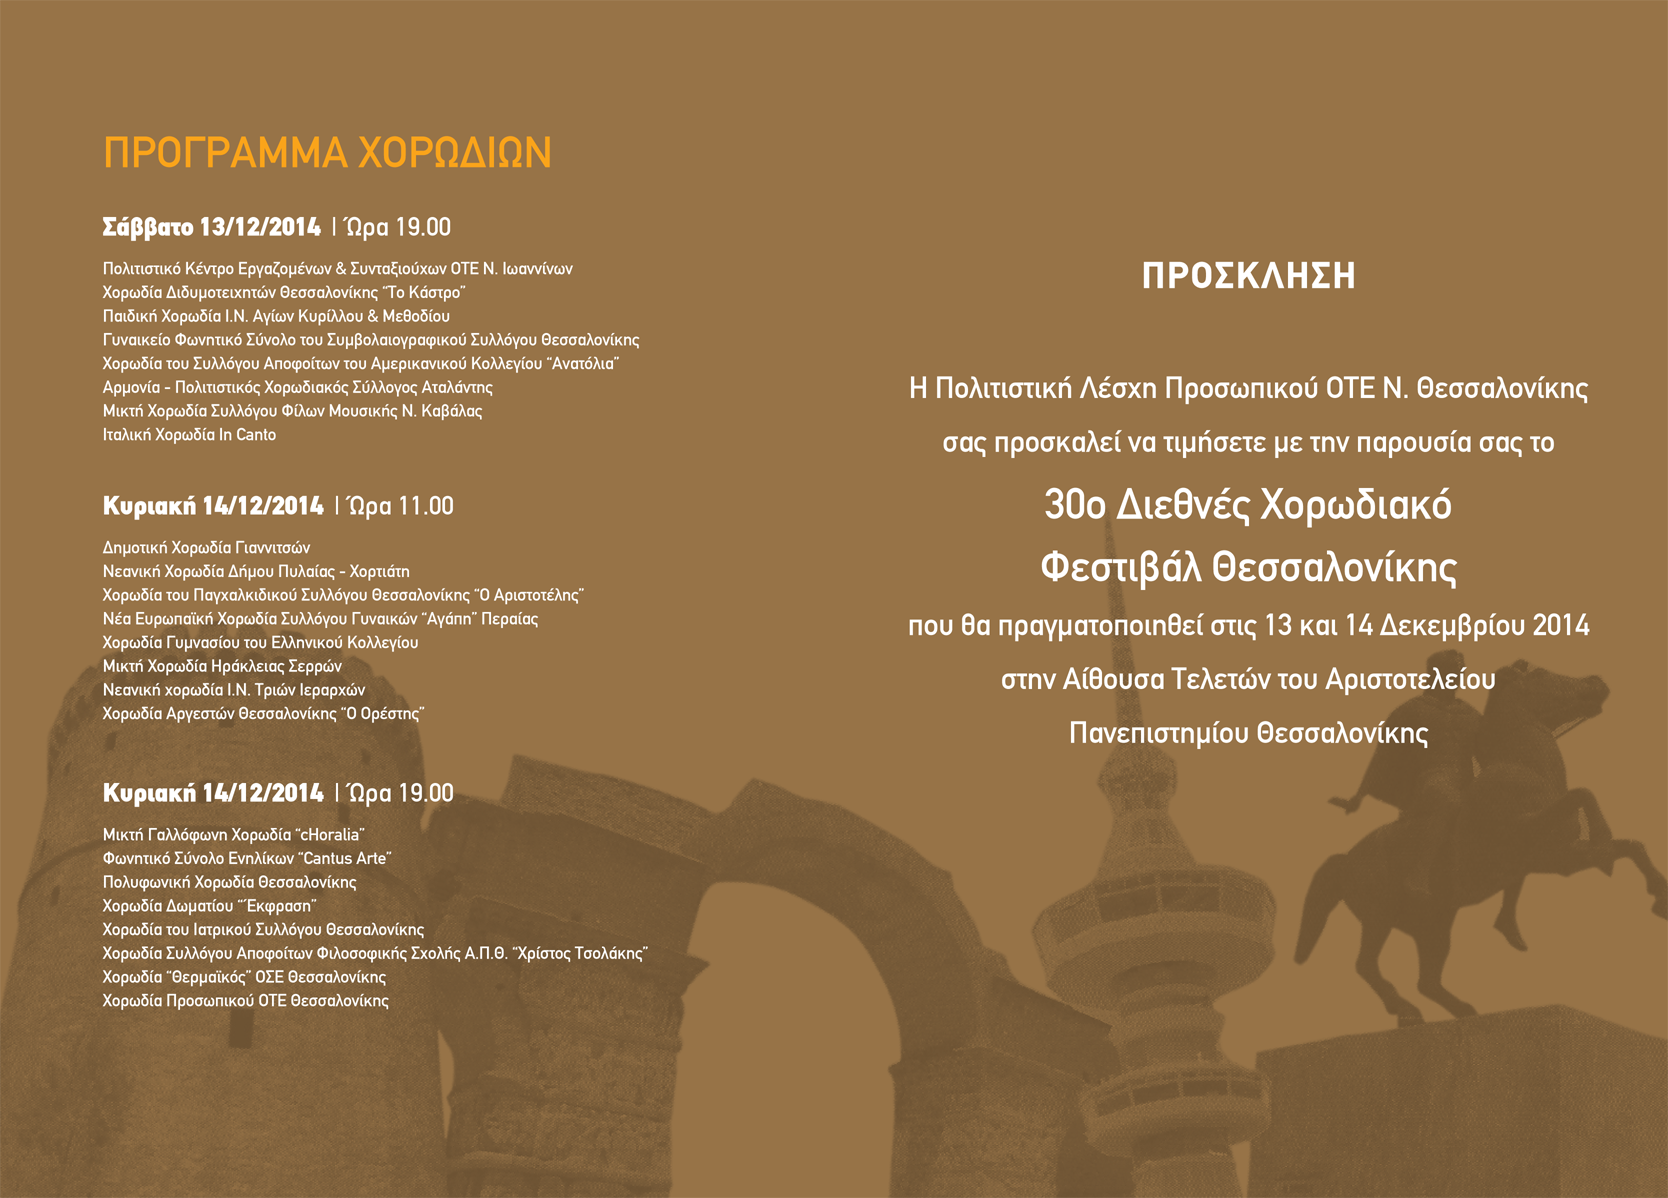 Προγραμμα 30ου Διεθνους Χορωδιακου Φεστιβαλ-2